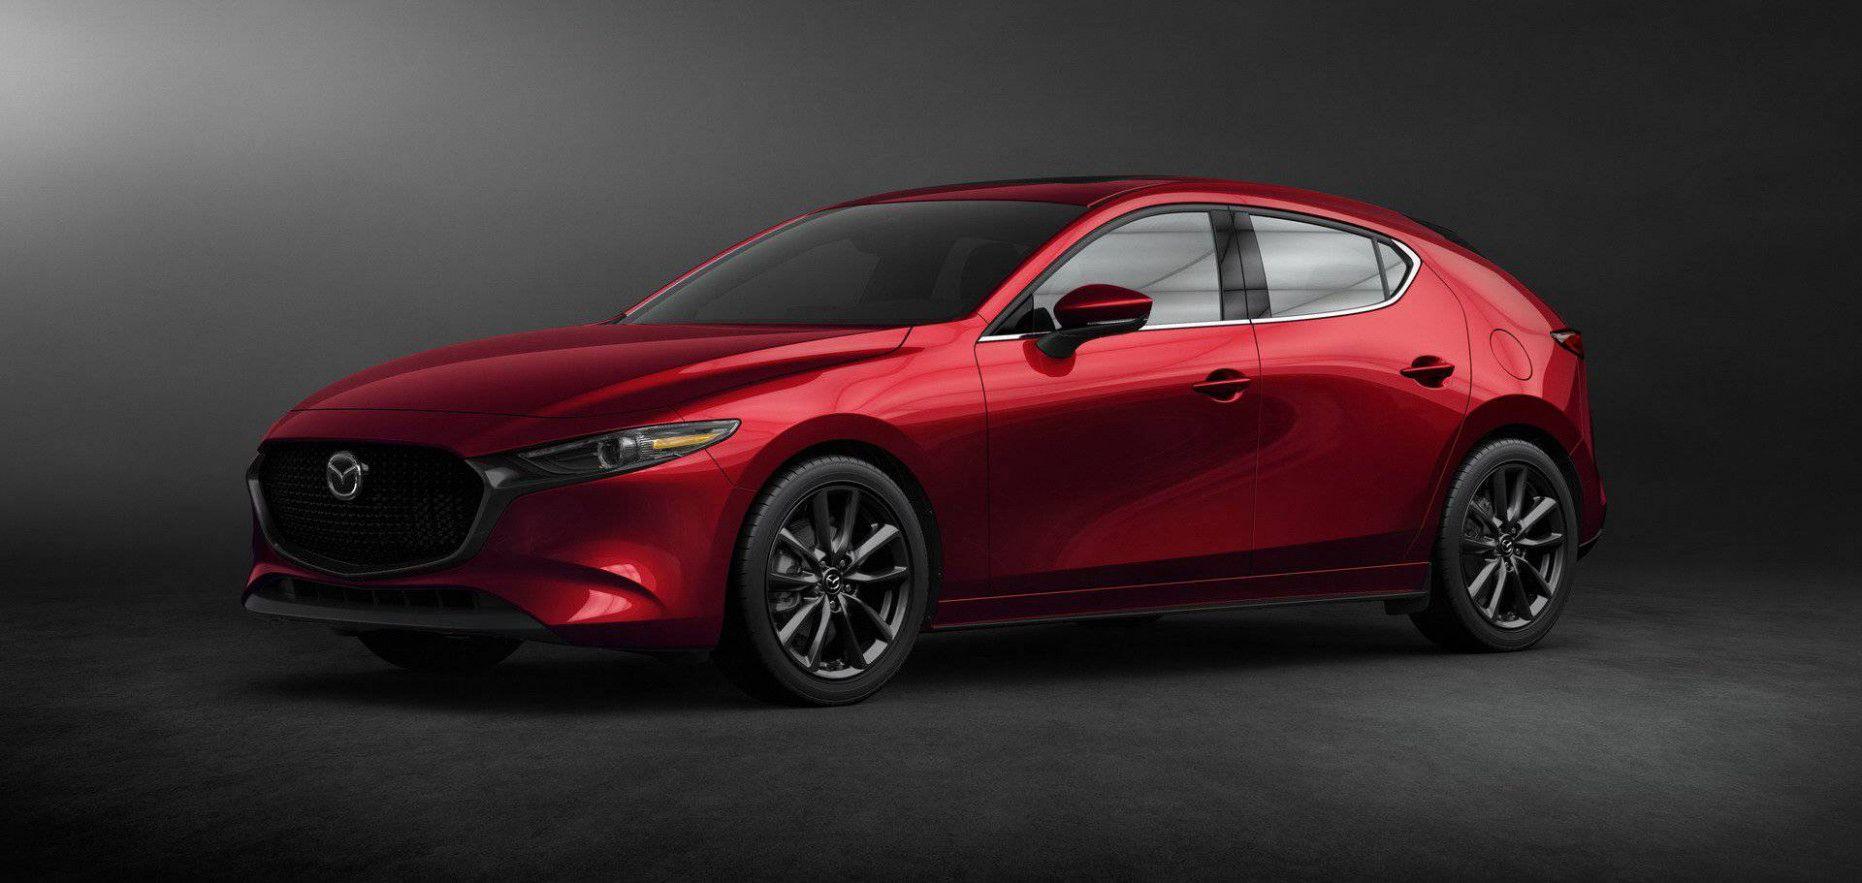 Mazda Ksa 2020 Photos Mazda 3 Mazda 3 Hatchback Mazda